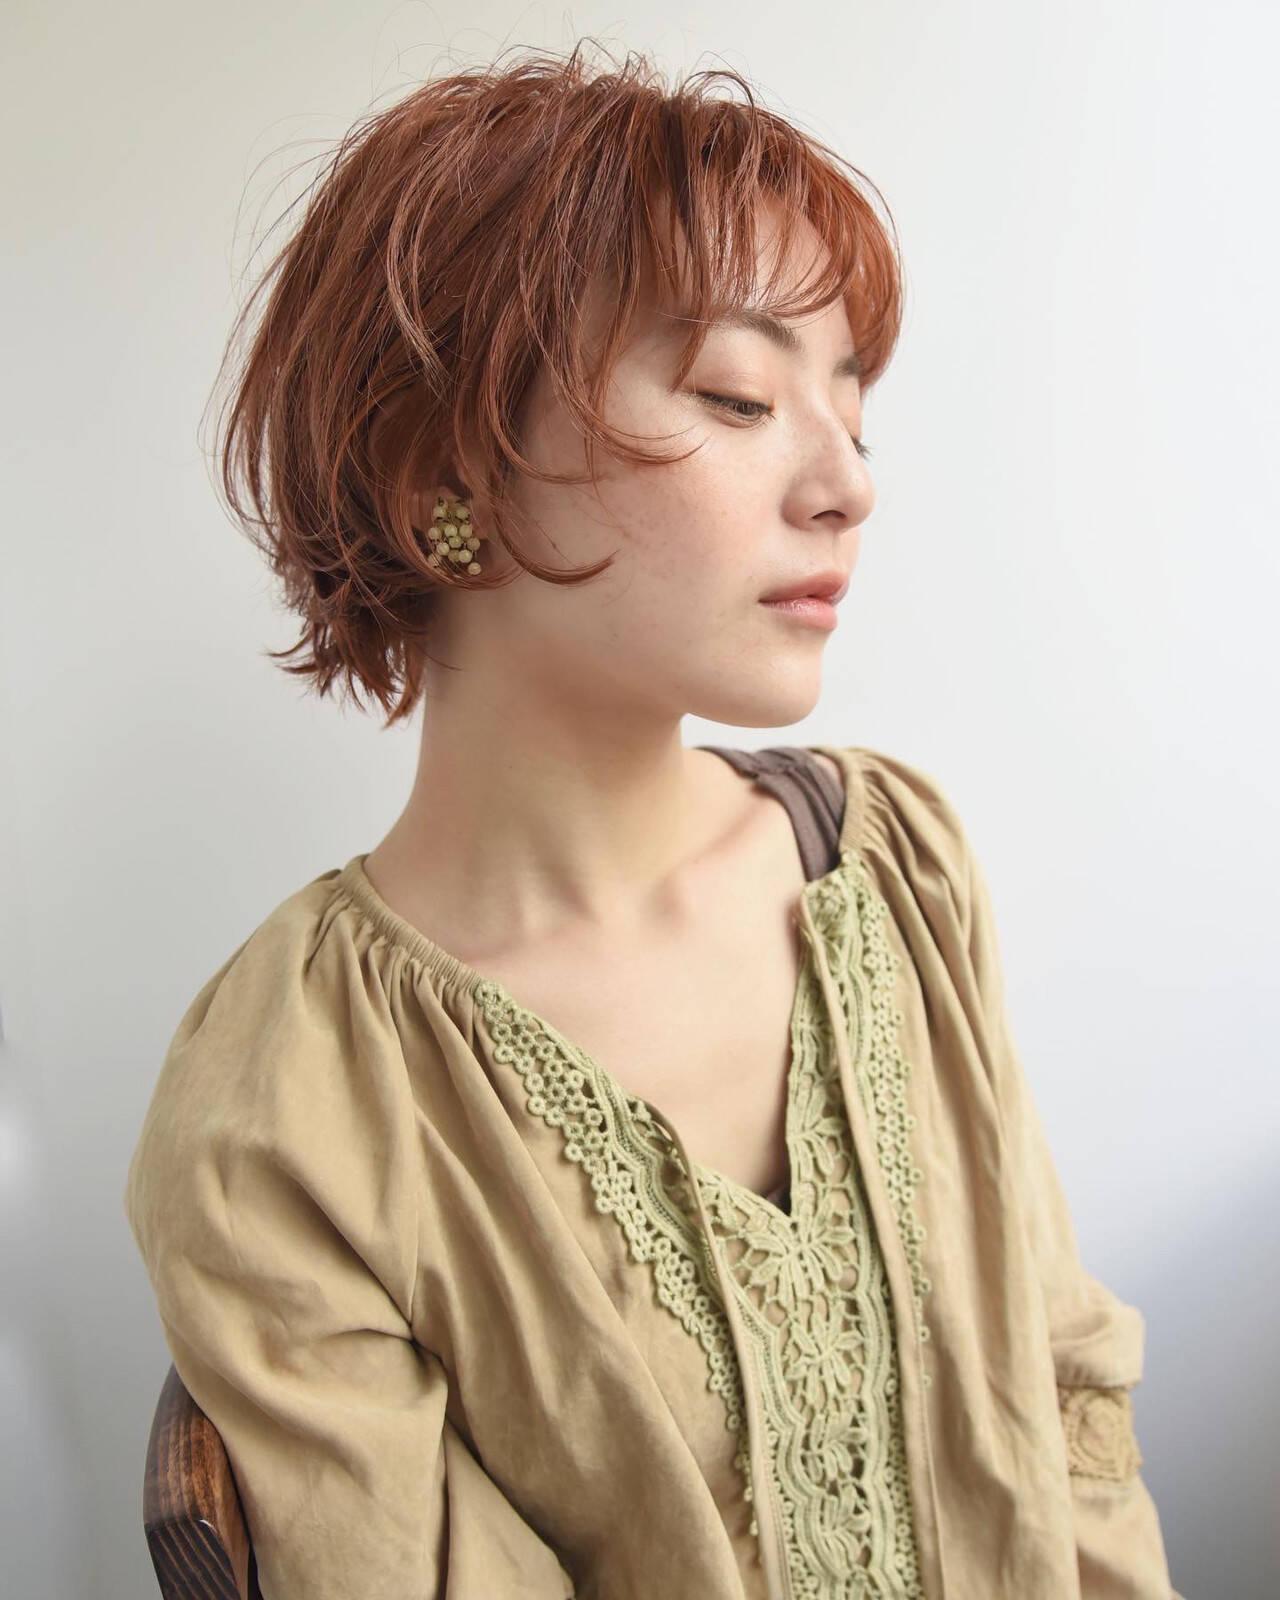 マッシュショート ナチュラル 前髪あり ショートヘアスタイルや髪型の写真・画像